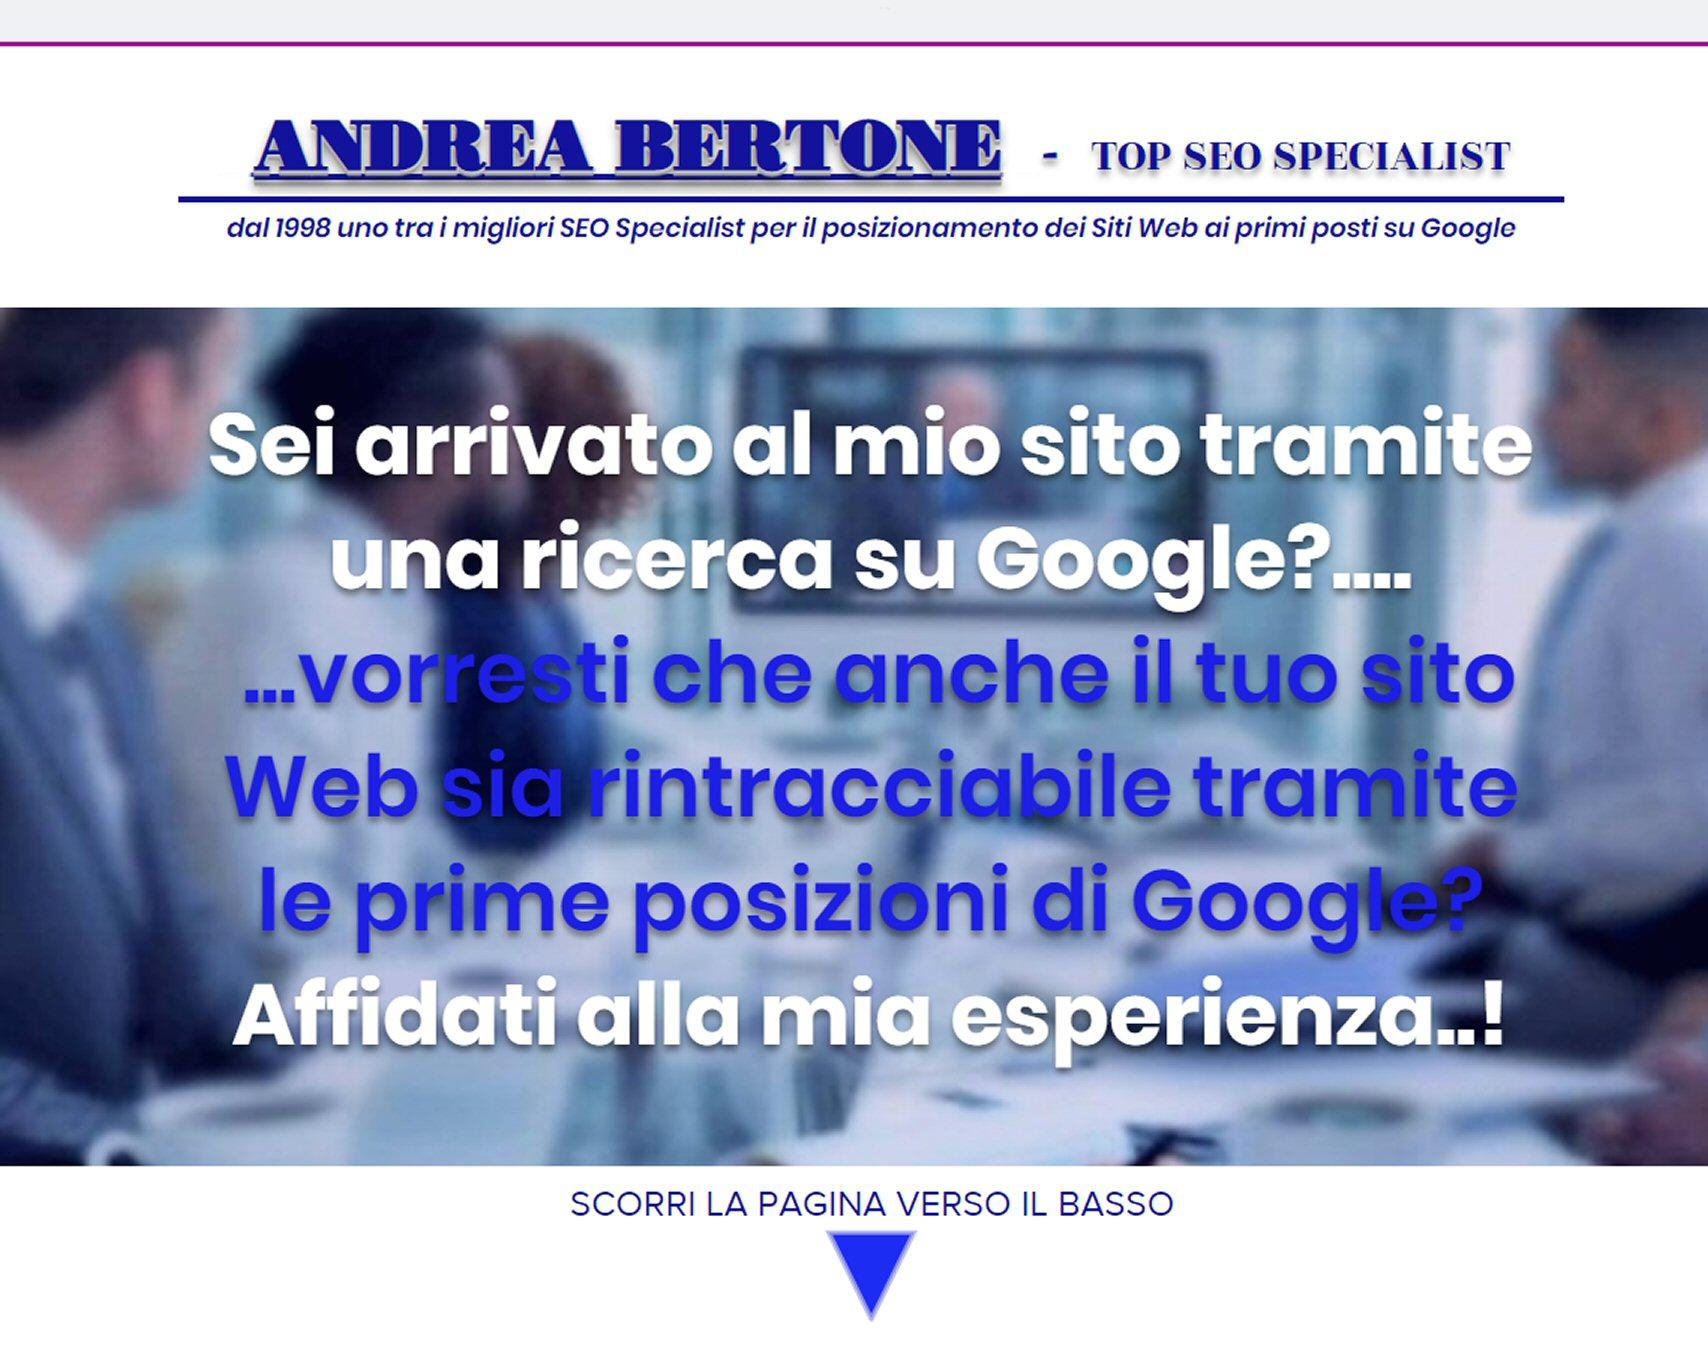 ANDREA BERTONE CONSULENTE SEO ROMA